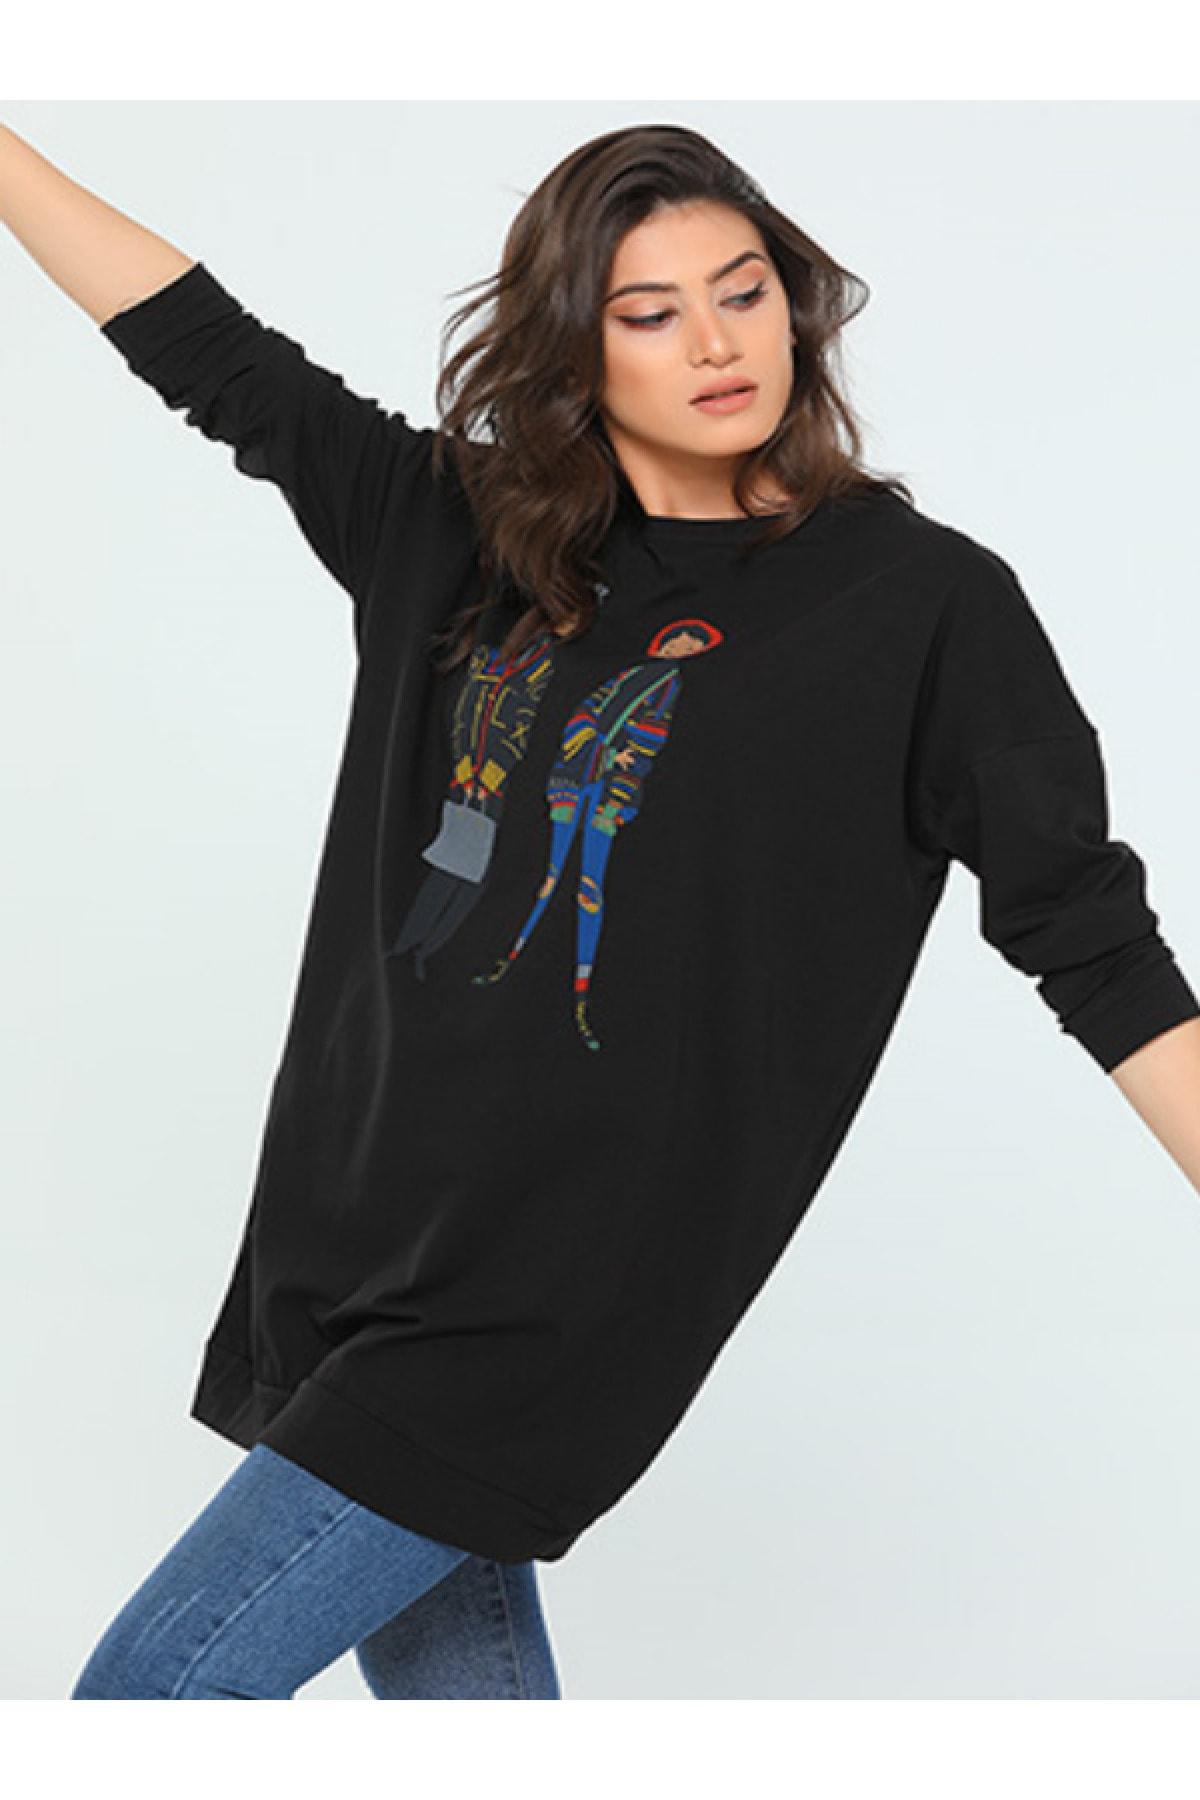 سفارش سویشرت زنانه ارزان برند Çarşım Mağazaları رنگ مشکی کد ty114149103